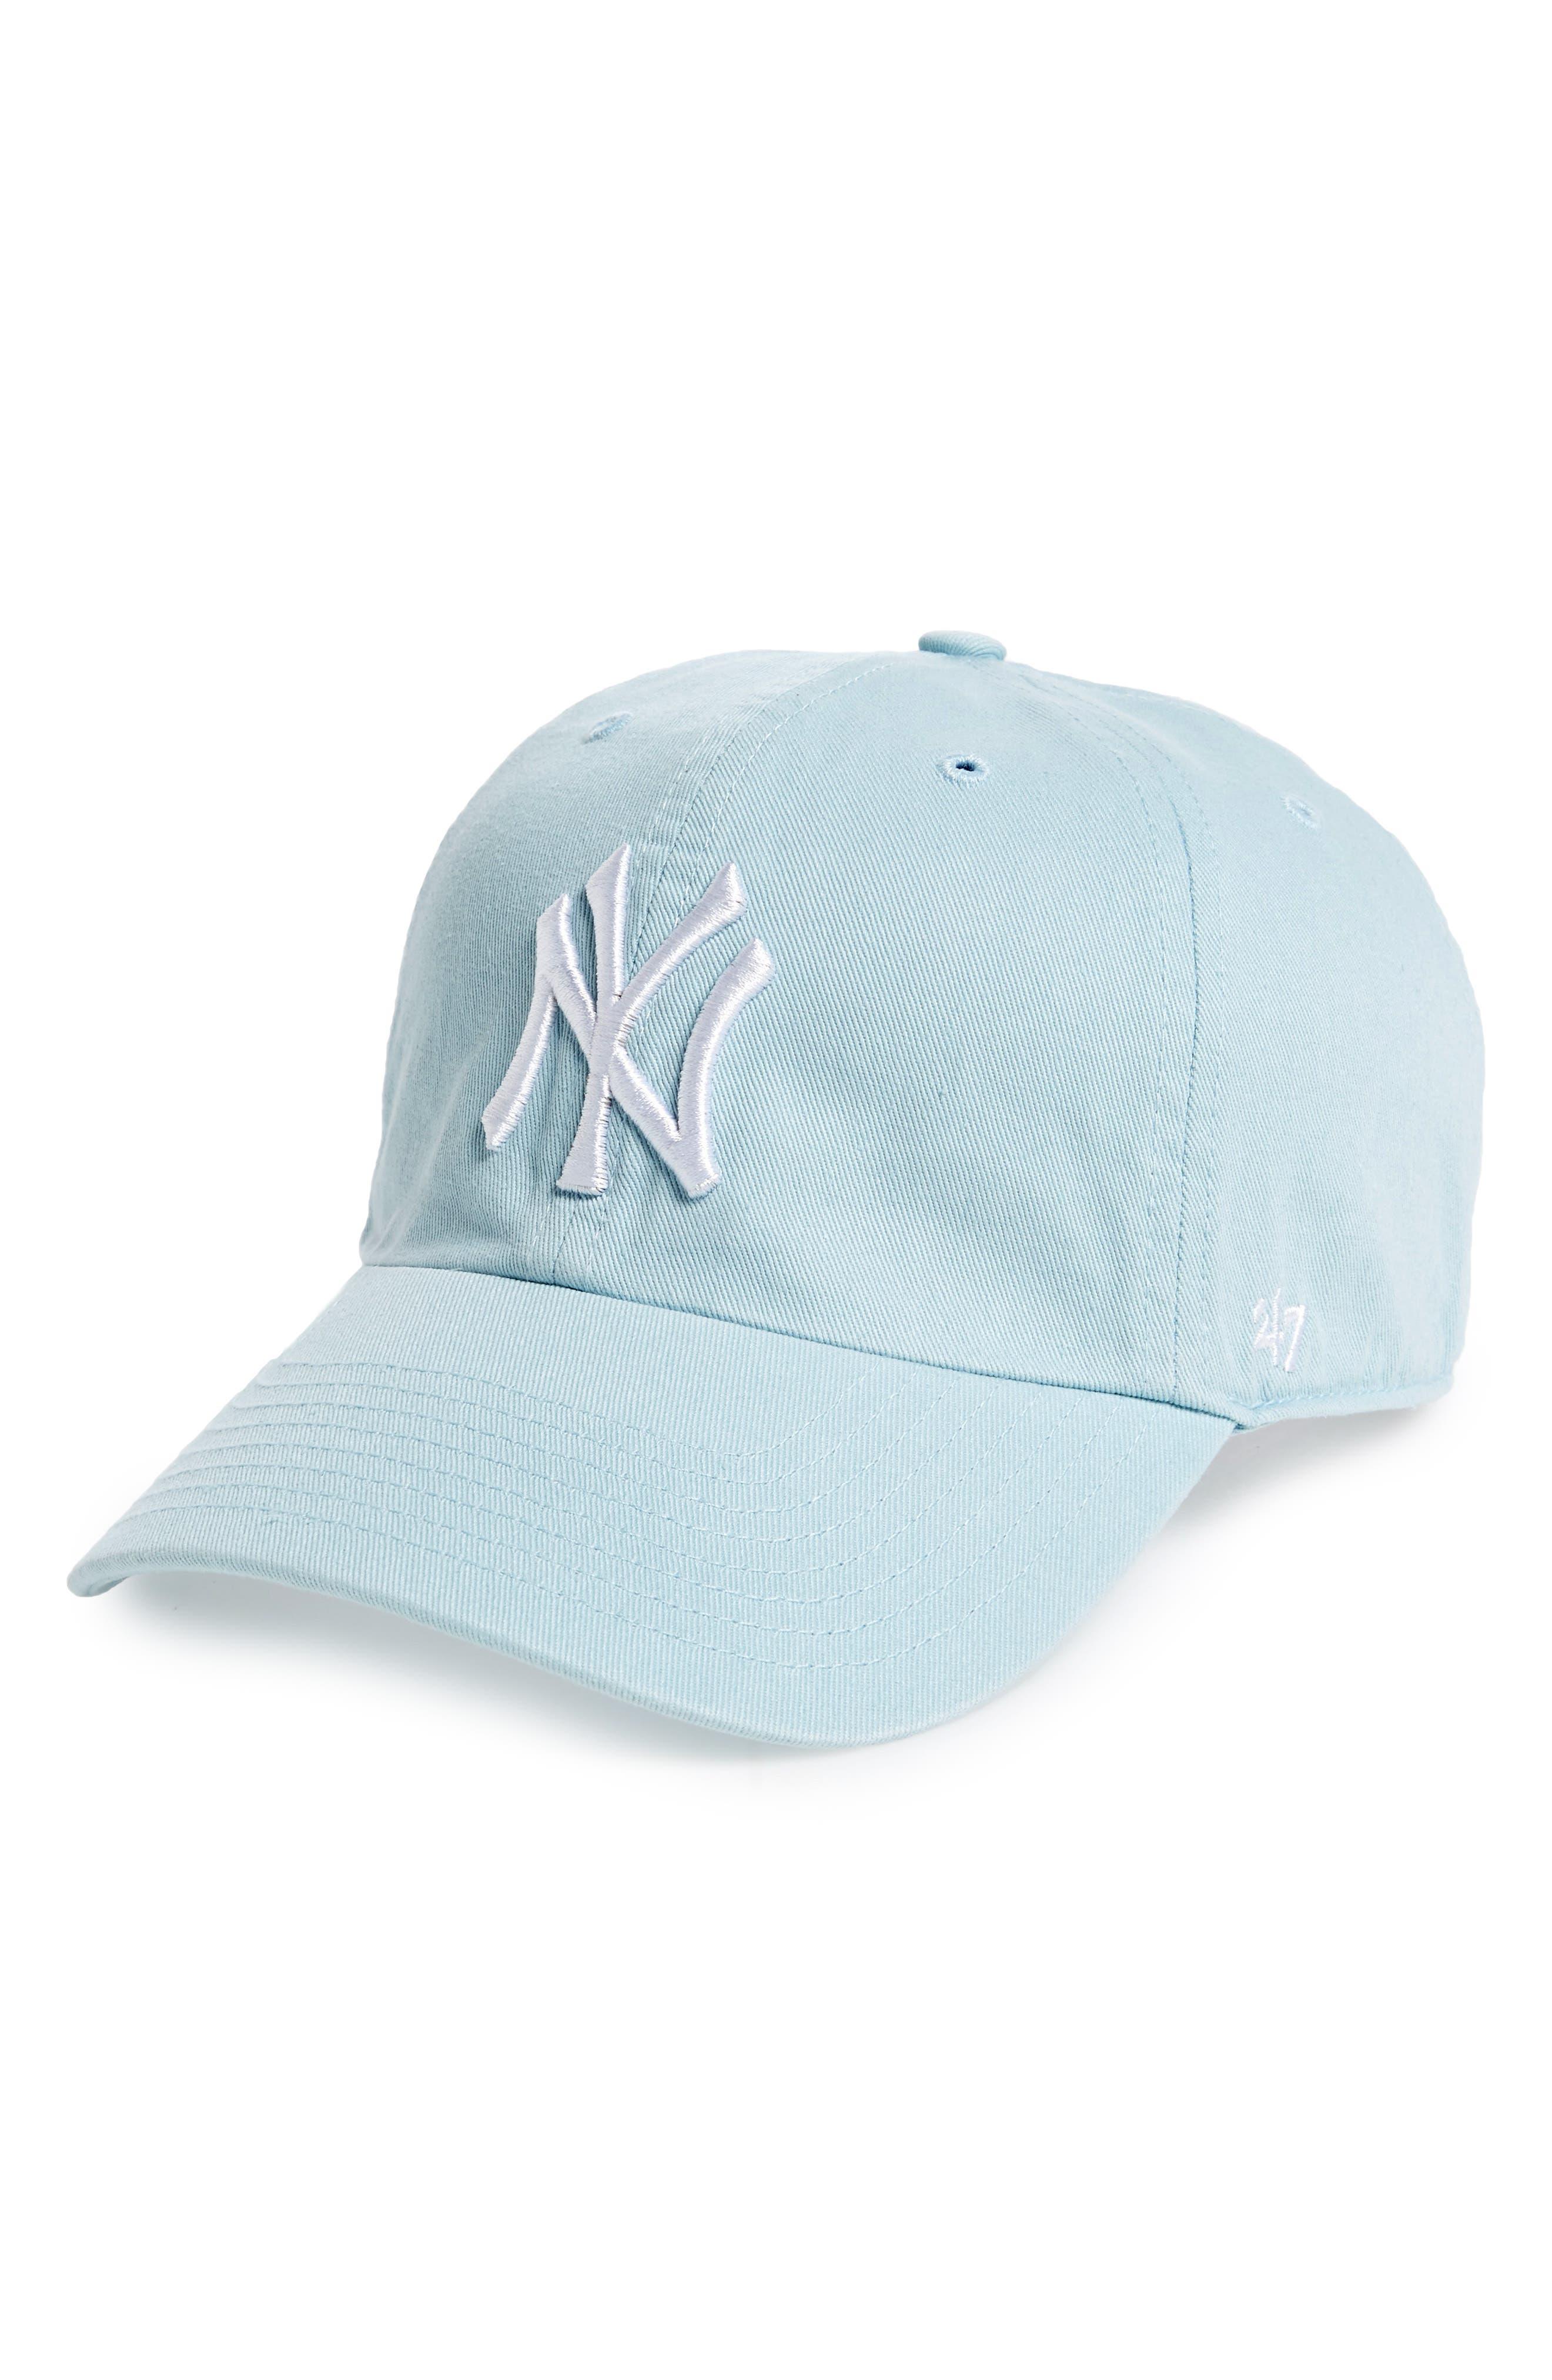 NY Yankees Baseball Cap,                             Main thumbnail 1, color,                             451